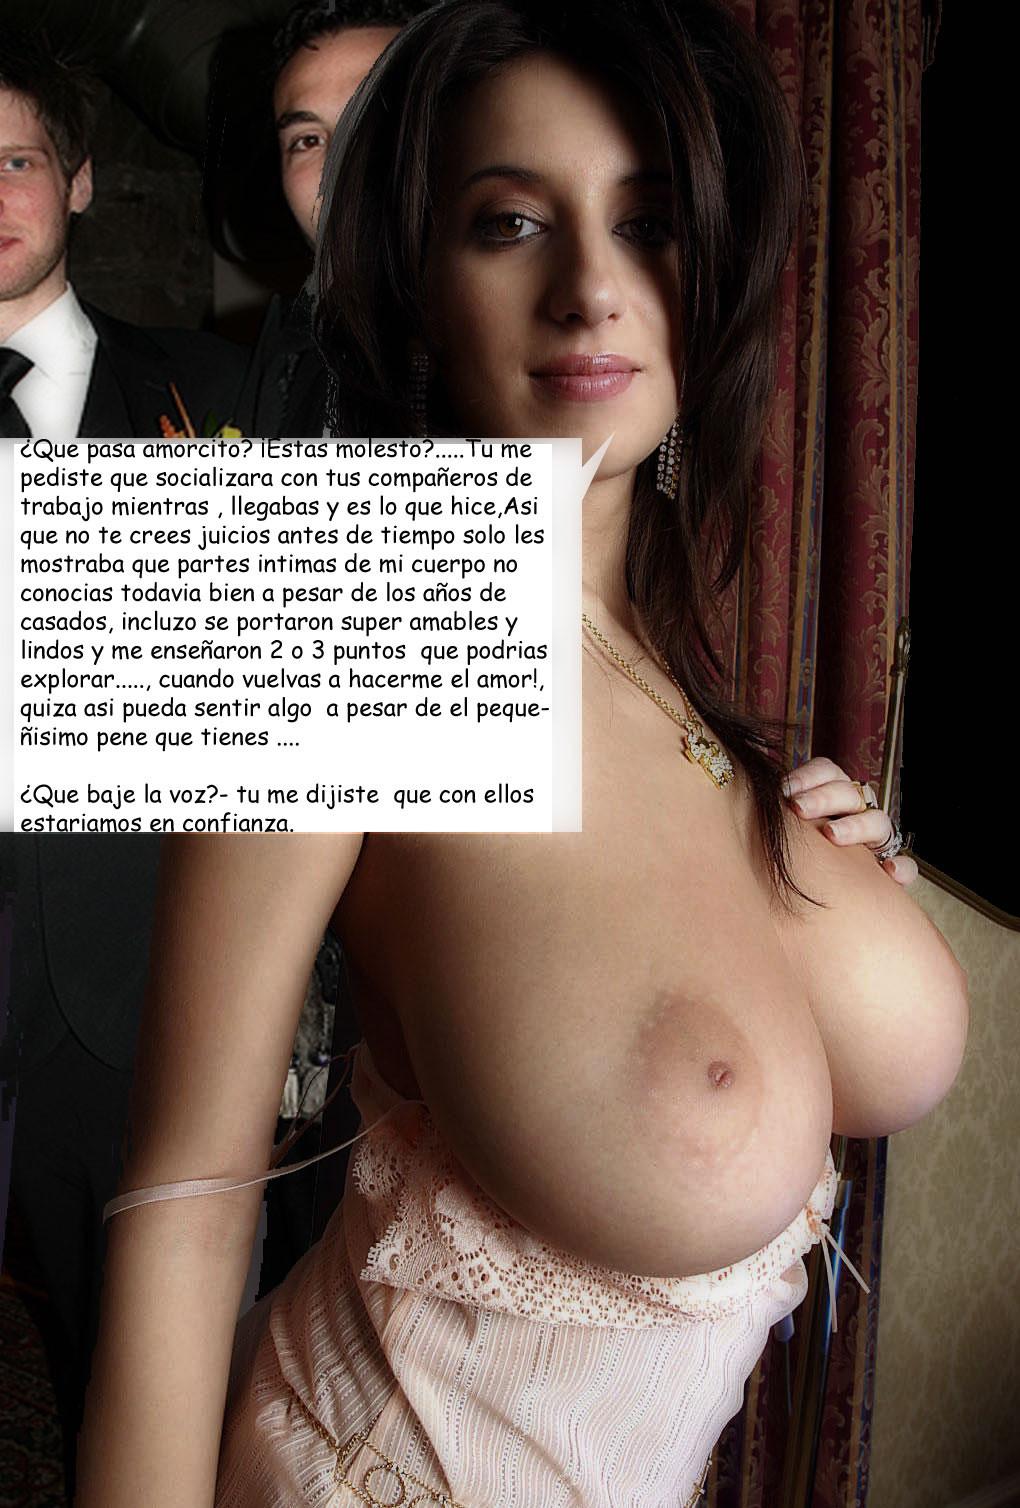 prostitutas pilladas prostitutas mil anuncios